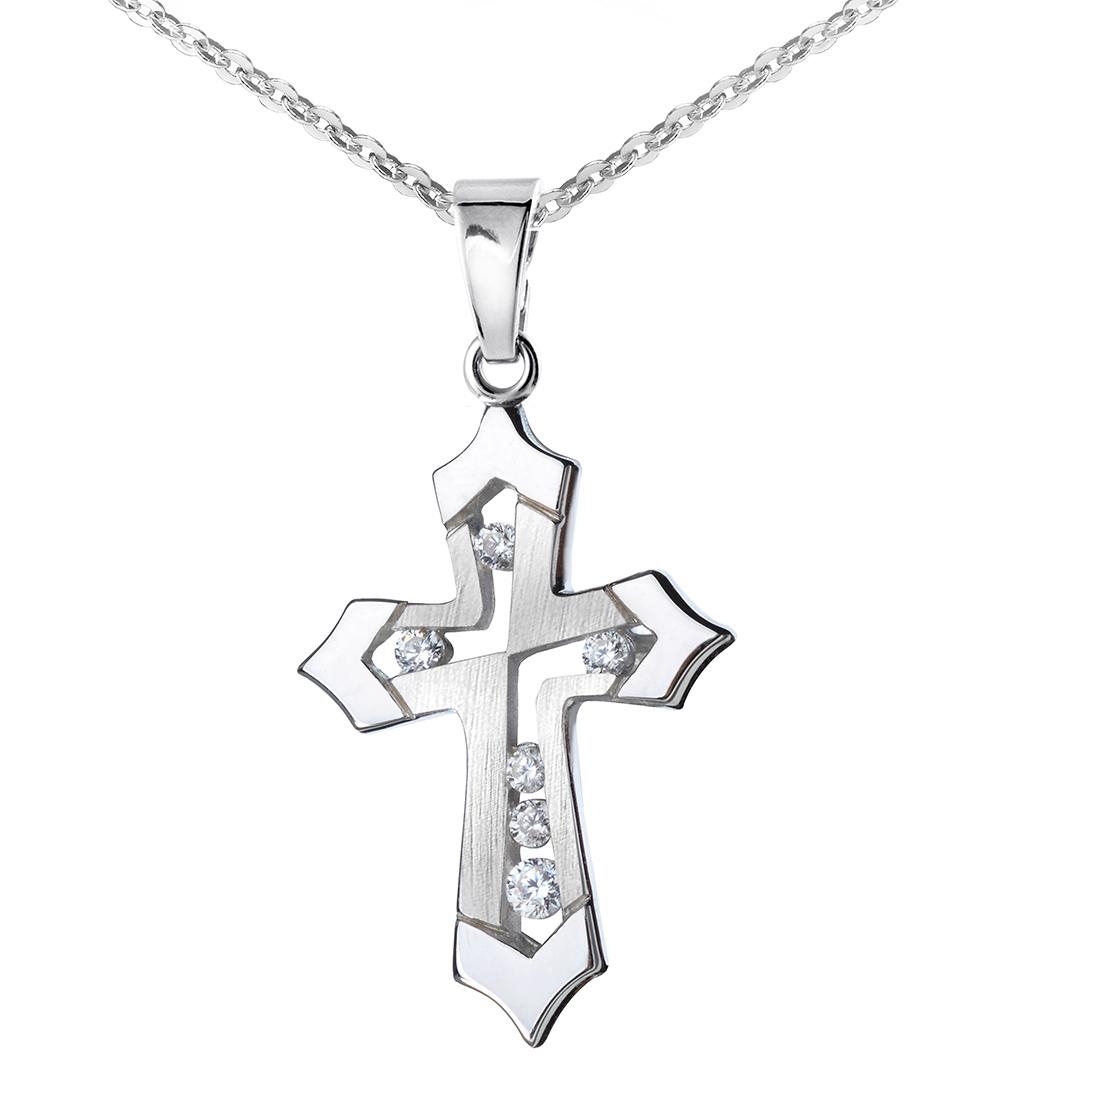 Materia Damen Kreuz Anhänger Silber 925 Zirkonia rhodiniert